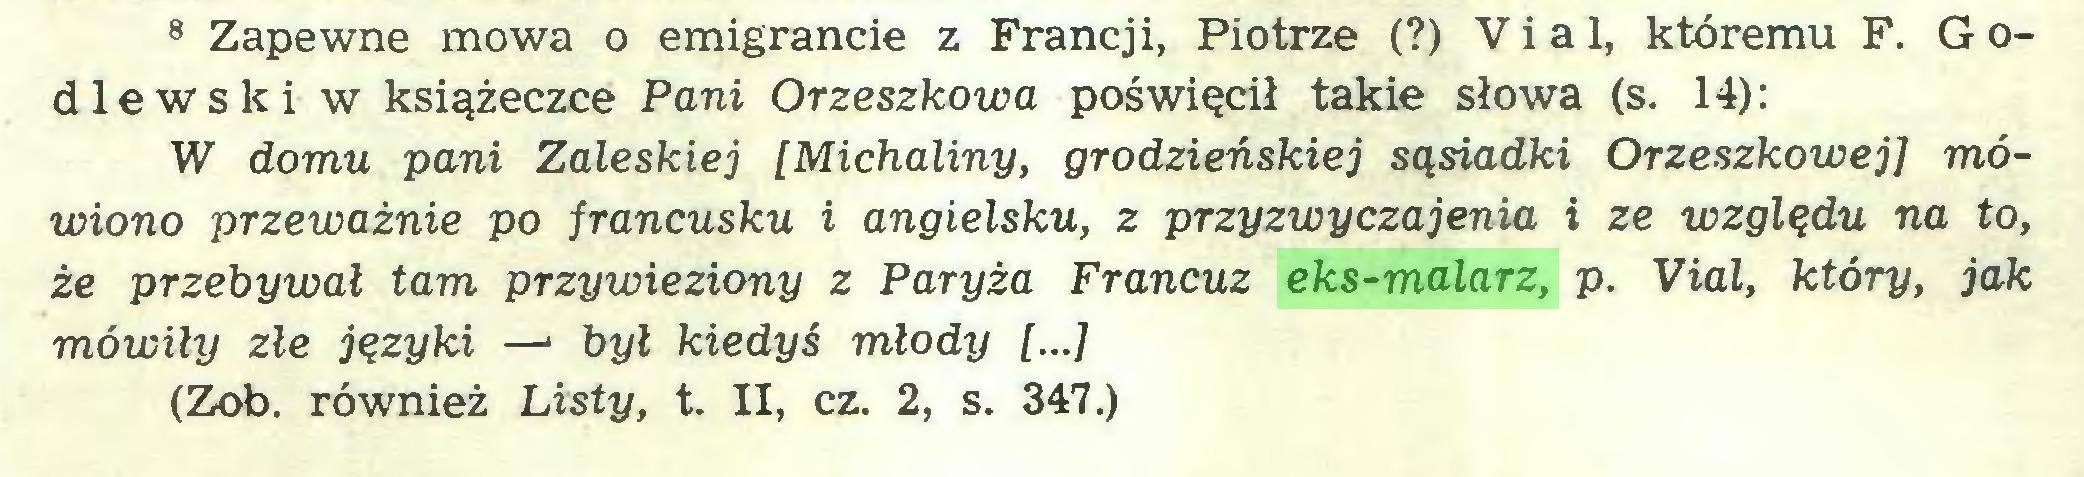 (...) 8 Zapewne mowa o emigrancie z Francji, Piotrze (?) Via 1, któremu F. G odlewski w książeczce Pani Orzeszkowa poświęcił takie słowa (s. 14): W domu pani Zaleskiej [Michaliny, grodzieńskiej sąsiadki Orzeszkowej] mówiono przeważnie po francusku i angielsku, z przyzwyczajenia i ze względu na to, że przebywał tam przywieziony z Paryża Francuz eks-malarz, p. Vial, który, jak mówiły złe języki —* był kiedyś młody [...] (Zob. również Listy, t. II, cz. 2, s. 347.)...